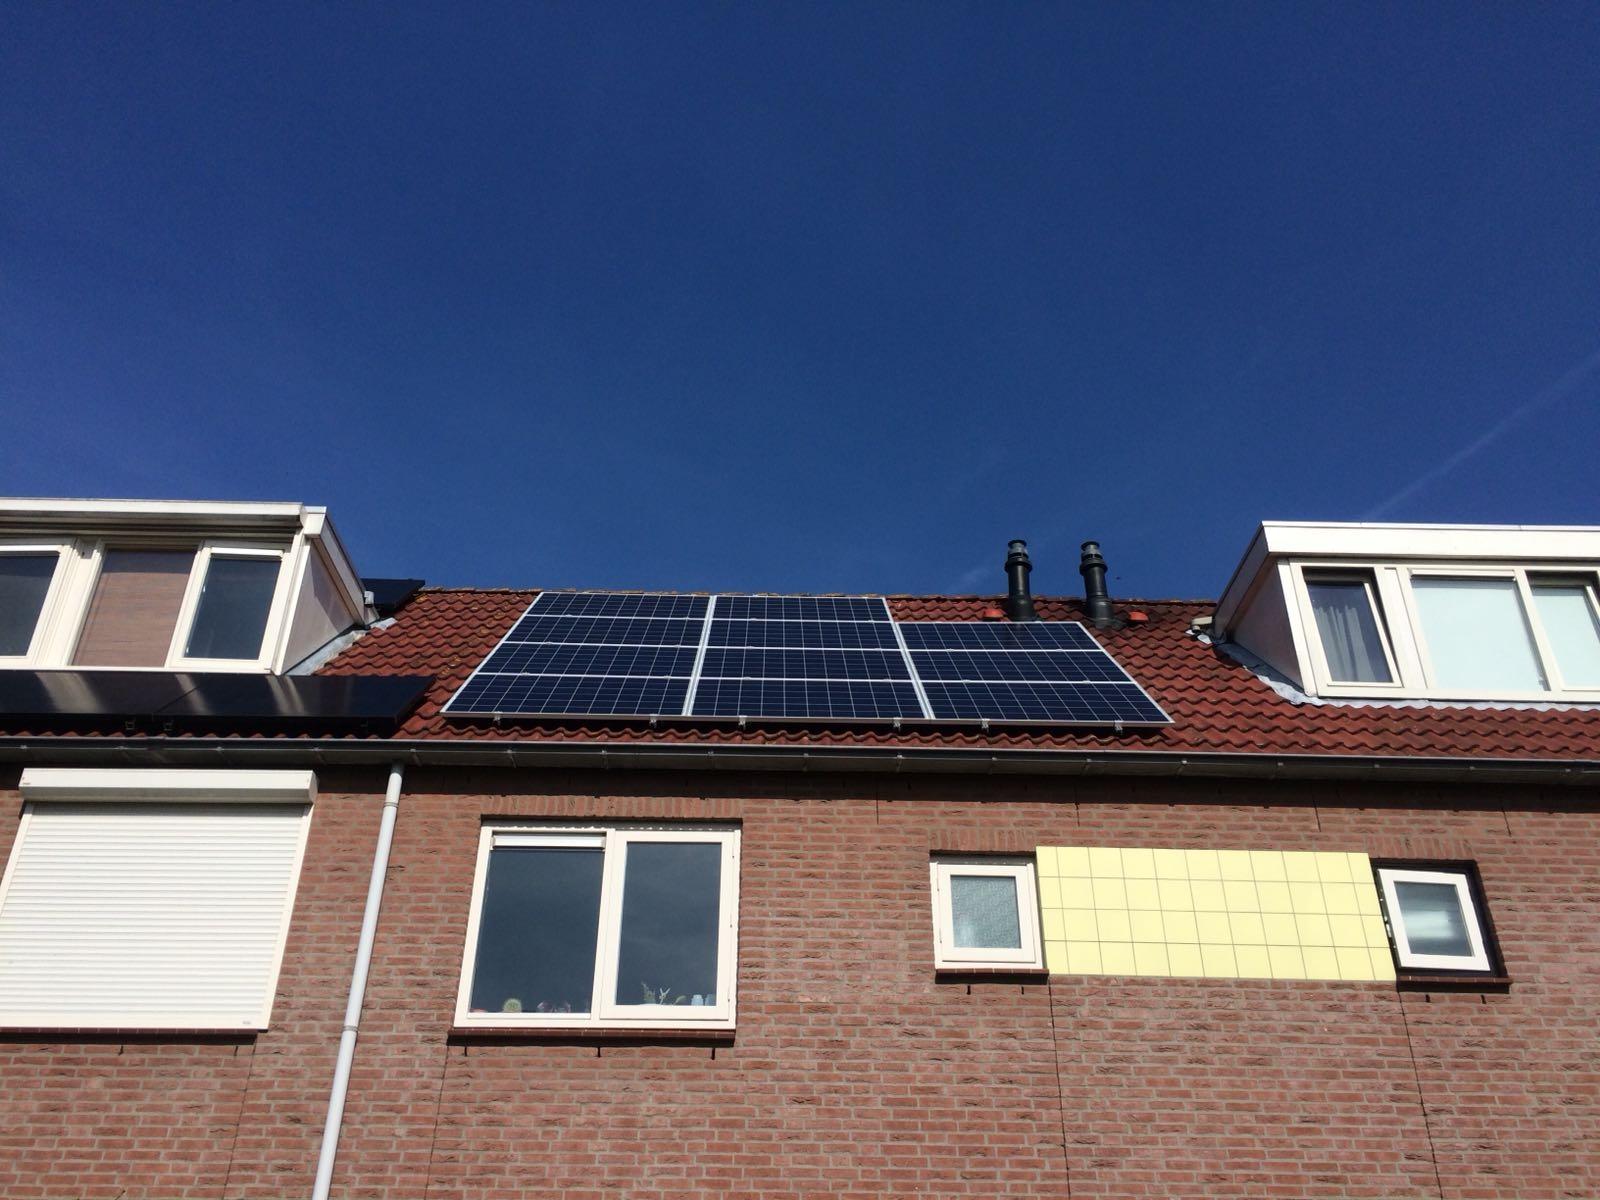 Kantoorverhuurder laat 33.000 zonnepanelen op zeven gebouwen plaatsen